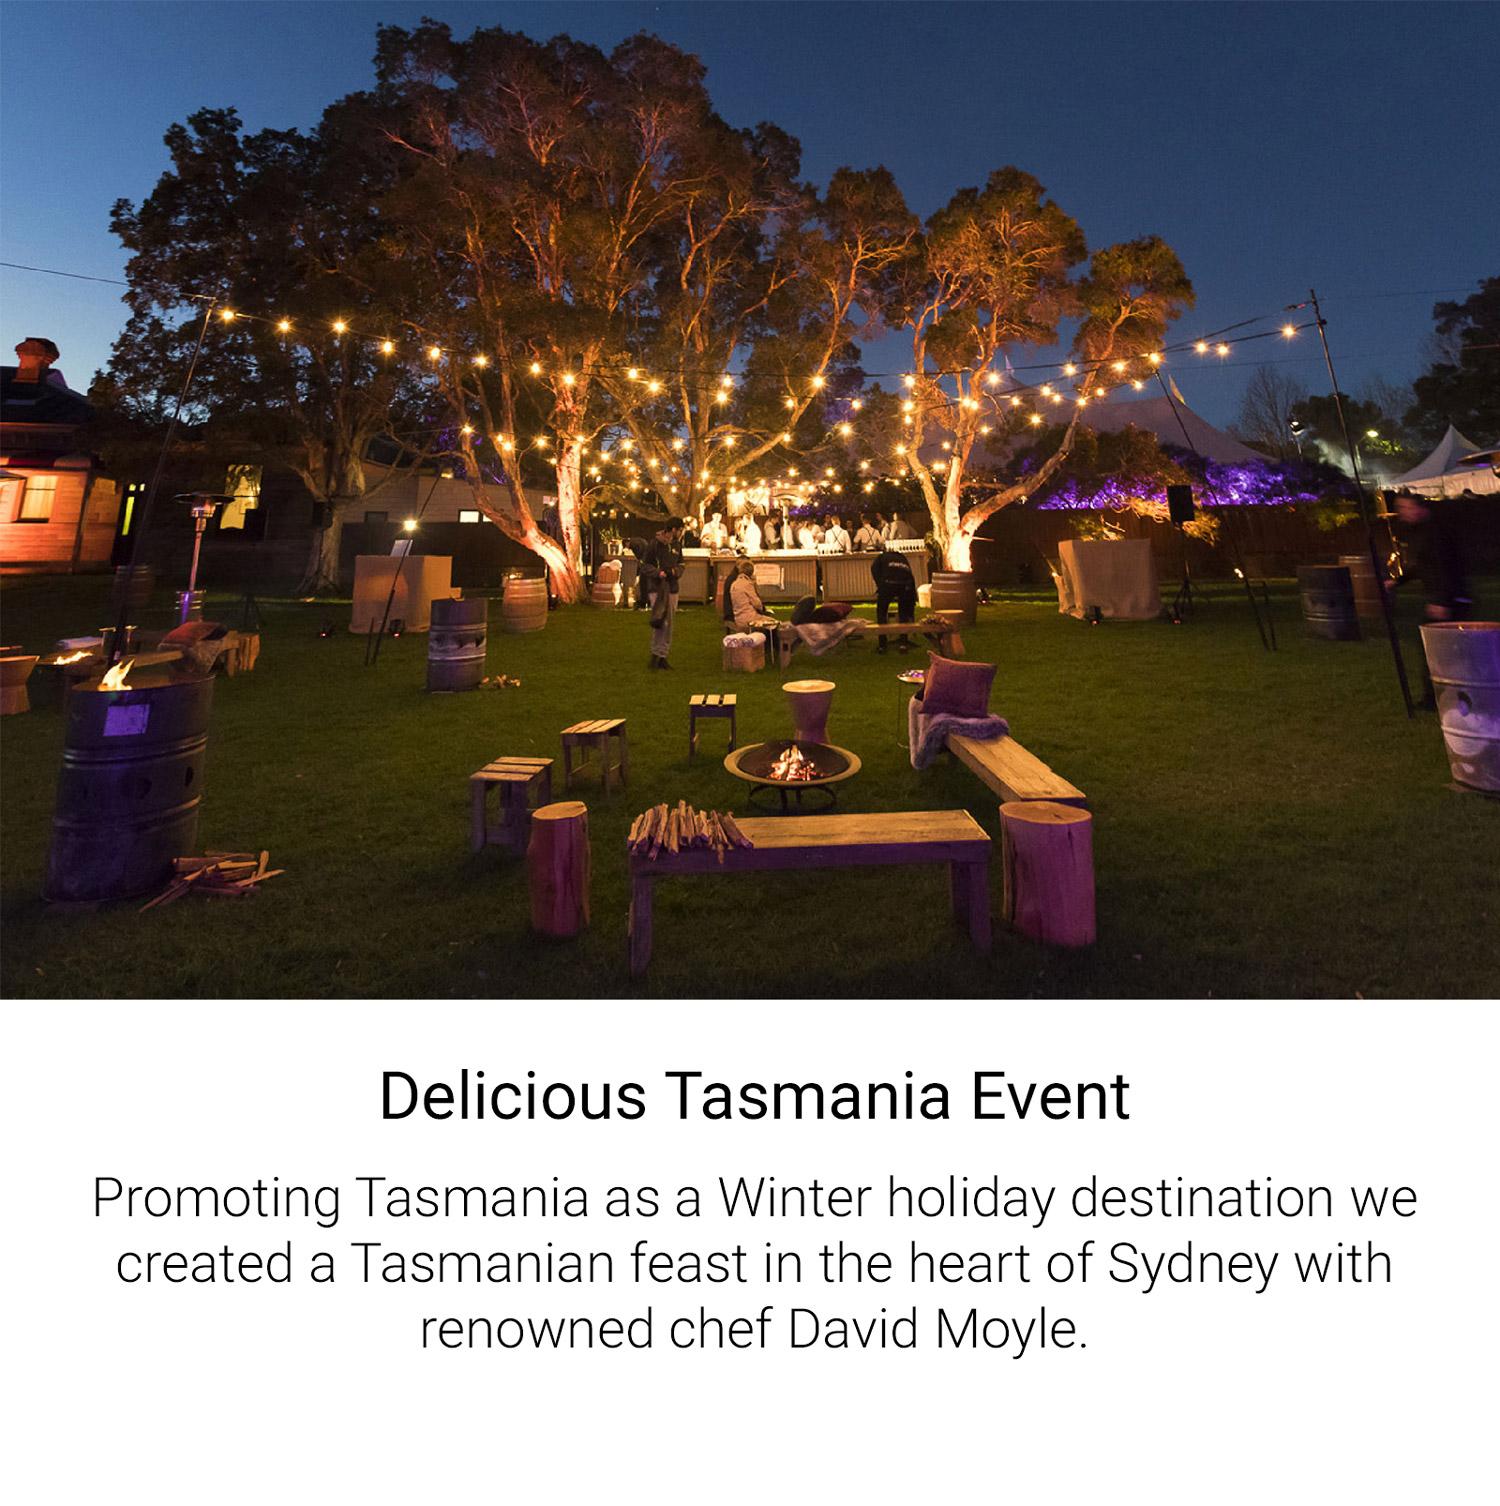 Delicious Tasmania Event